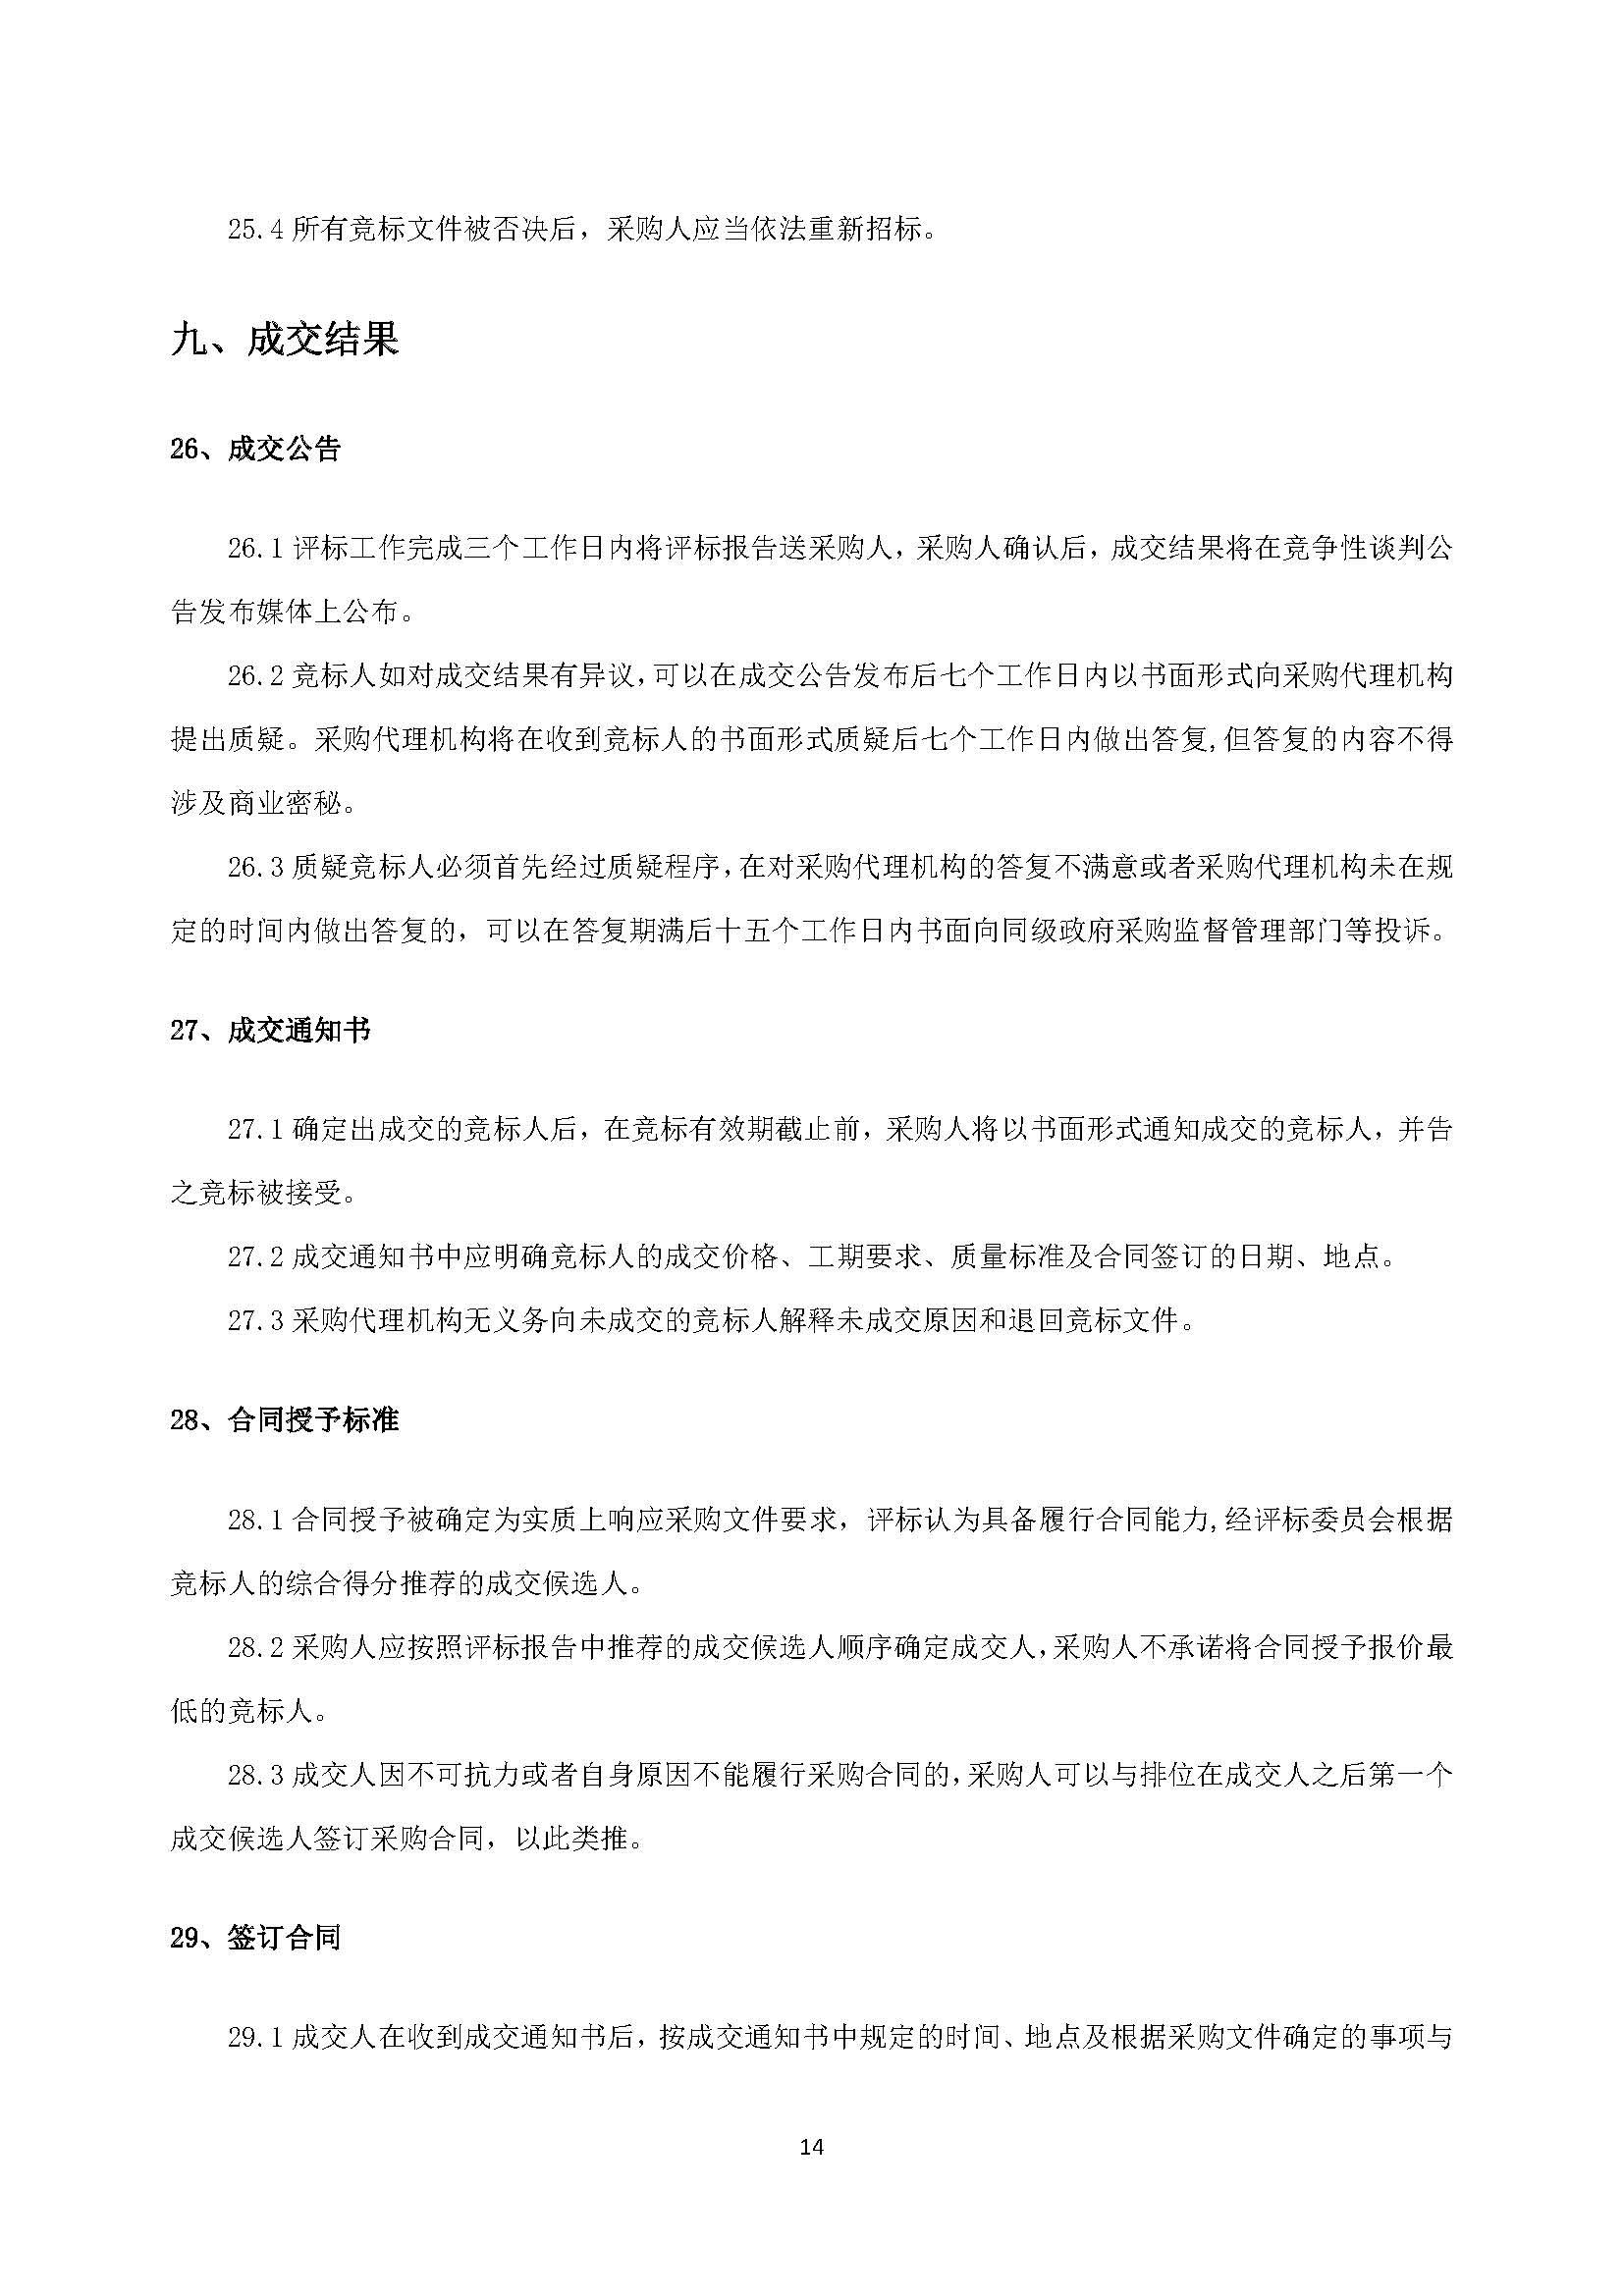 (确定)安徽快三基本走势图市政环卫园林绿化企业一体化面积测绘服务采购 竞争性谈判采购文件20200610(2)_页面_18.jpg